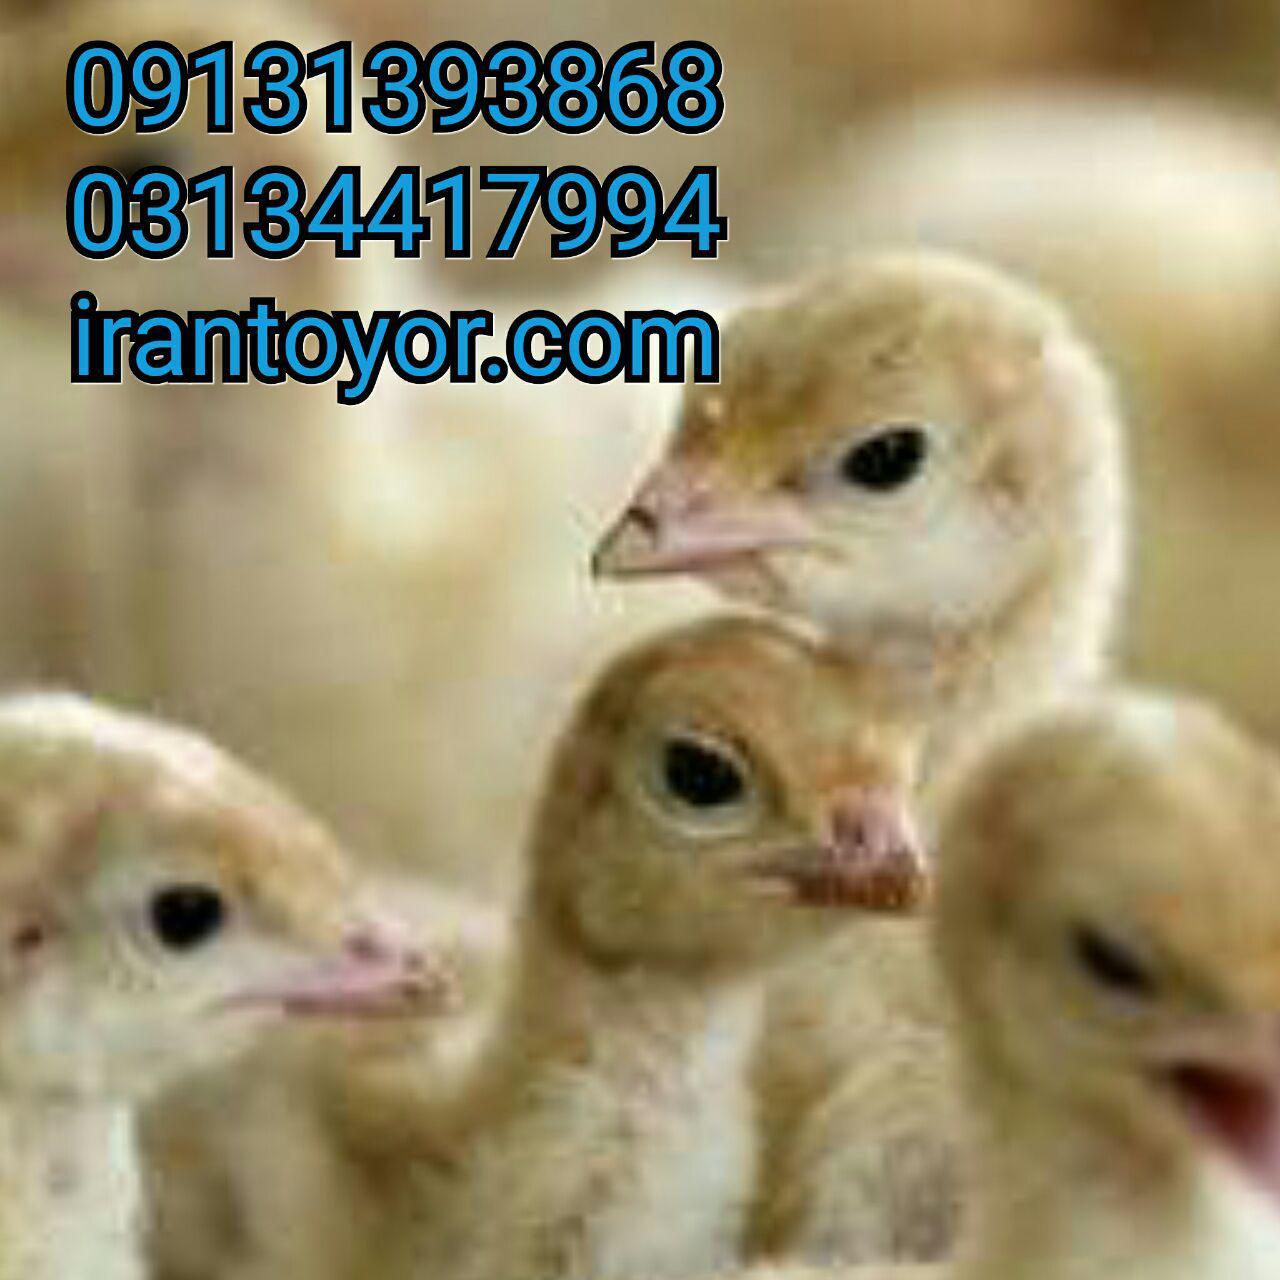 پیش فروش جوجه یکروزه بوقلمون09124496359 09131382838